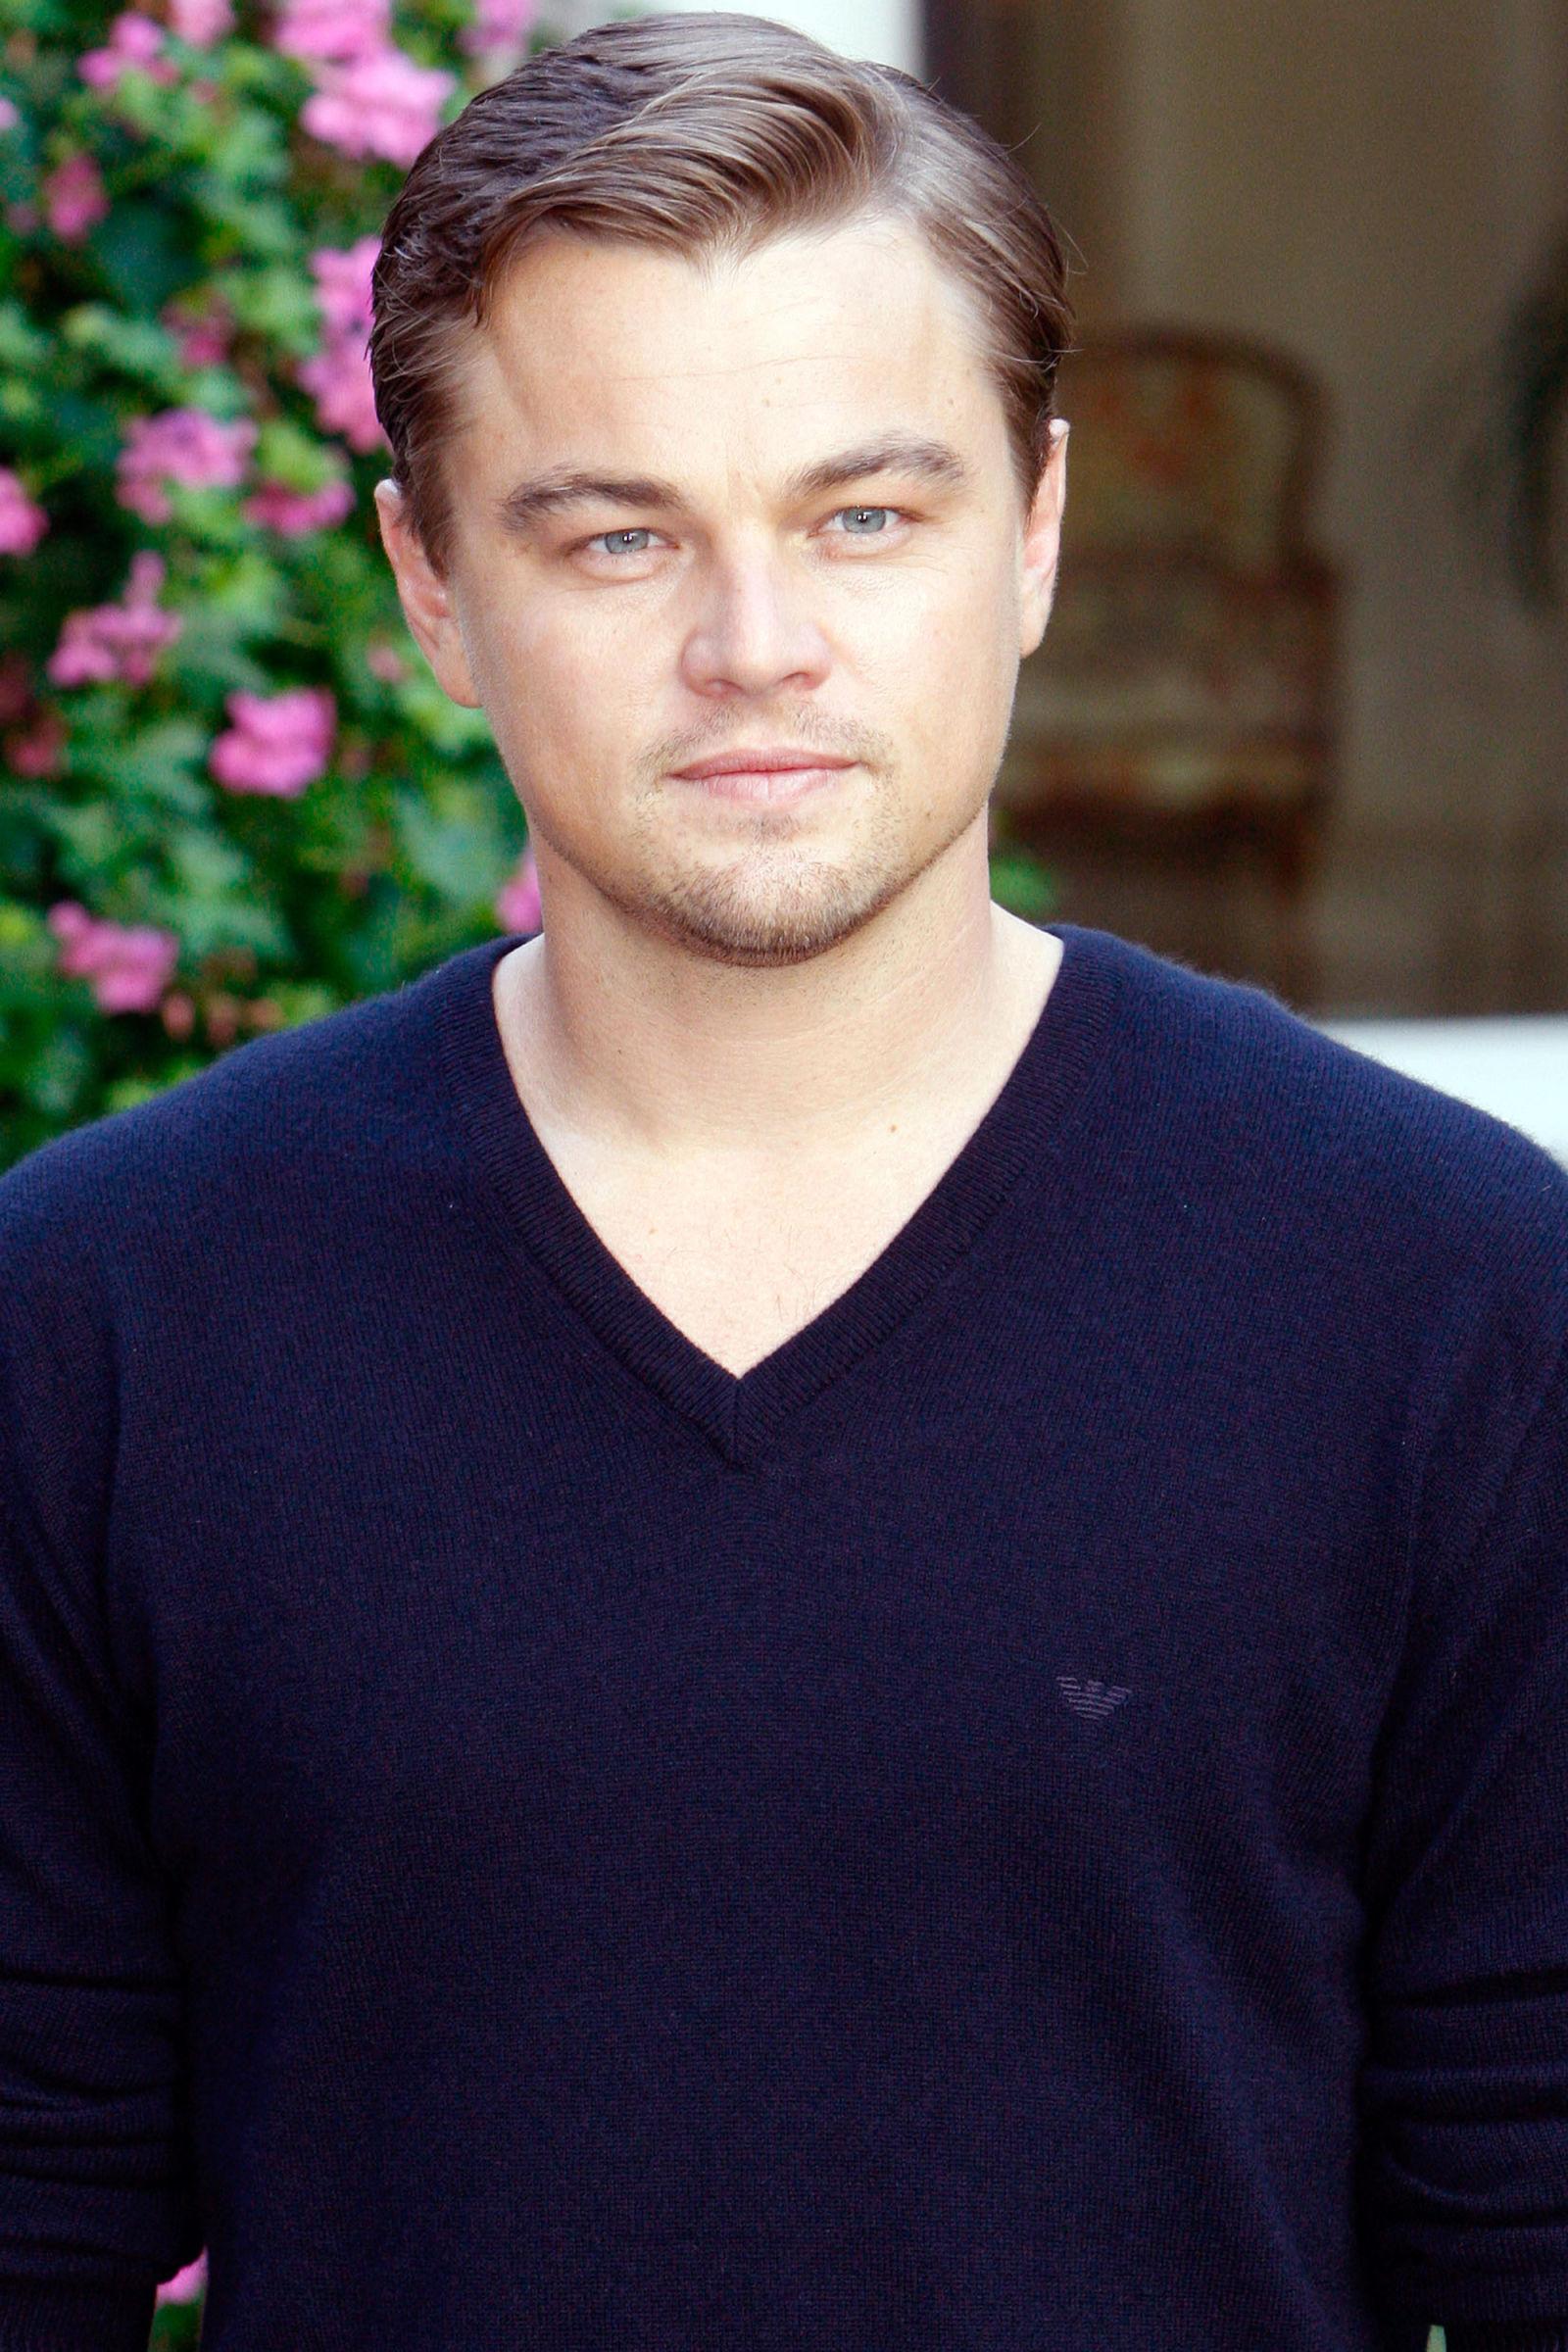 Leonardo diCaprio celebrity hairstyles 2008